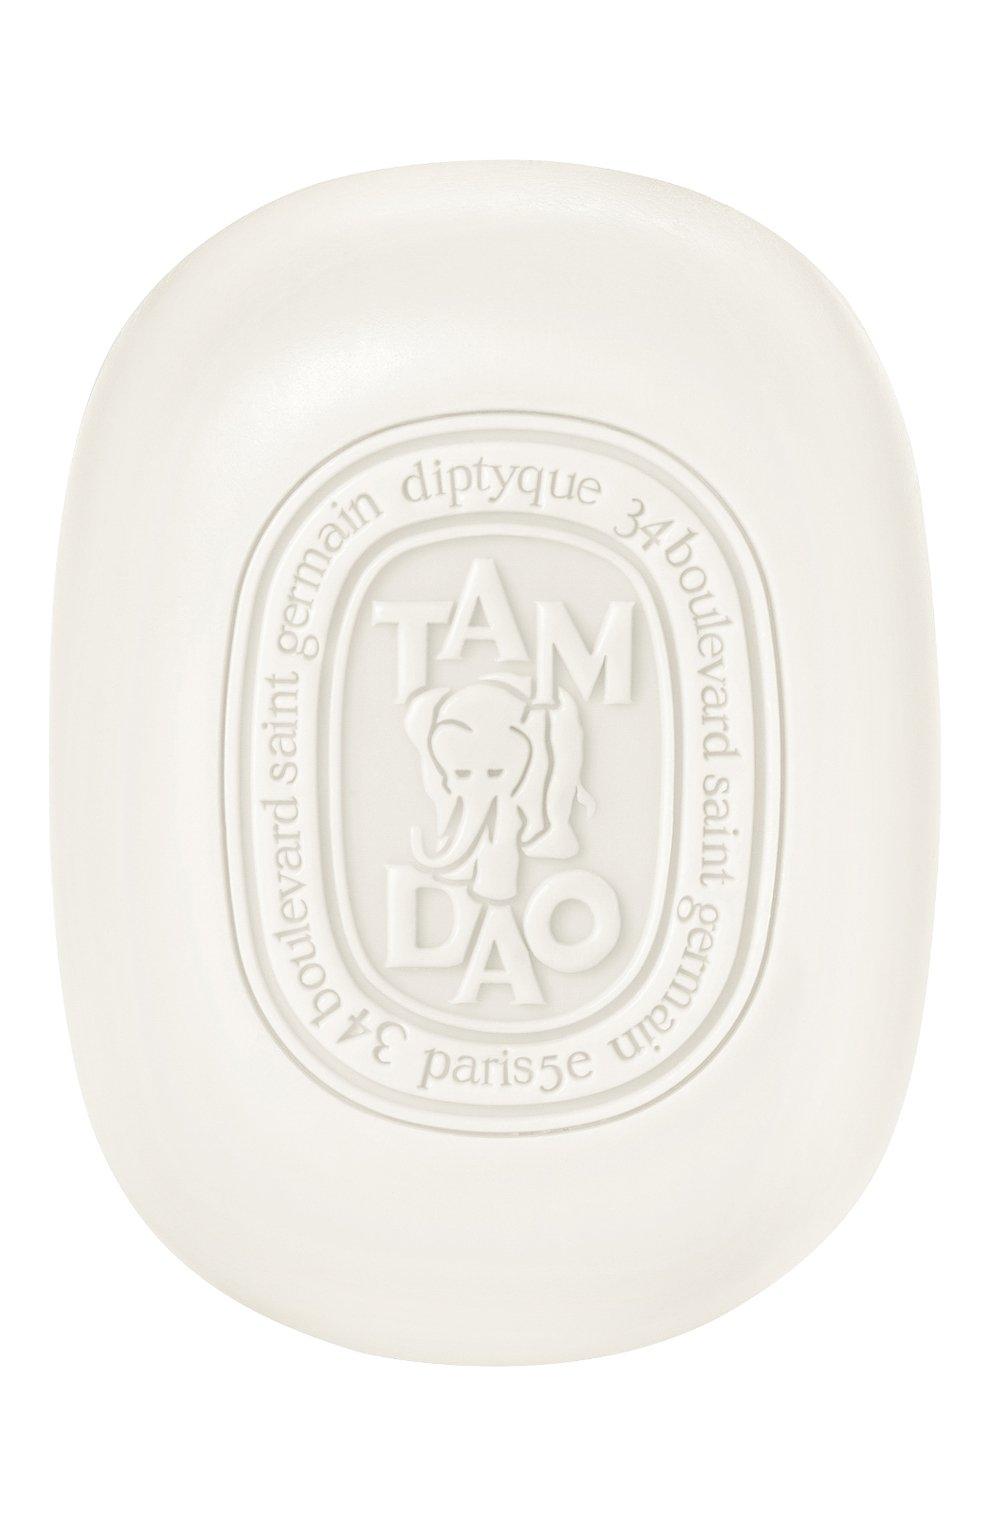 Женского парфюмированное мыло tam dao DIPTYQUE бесцветного цвета, арт. 3700431418289 | Фото 1